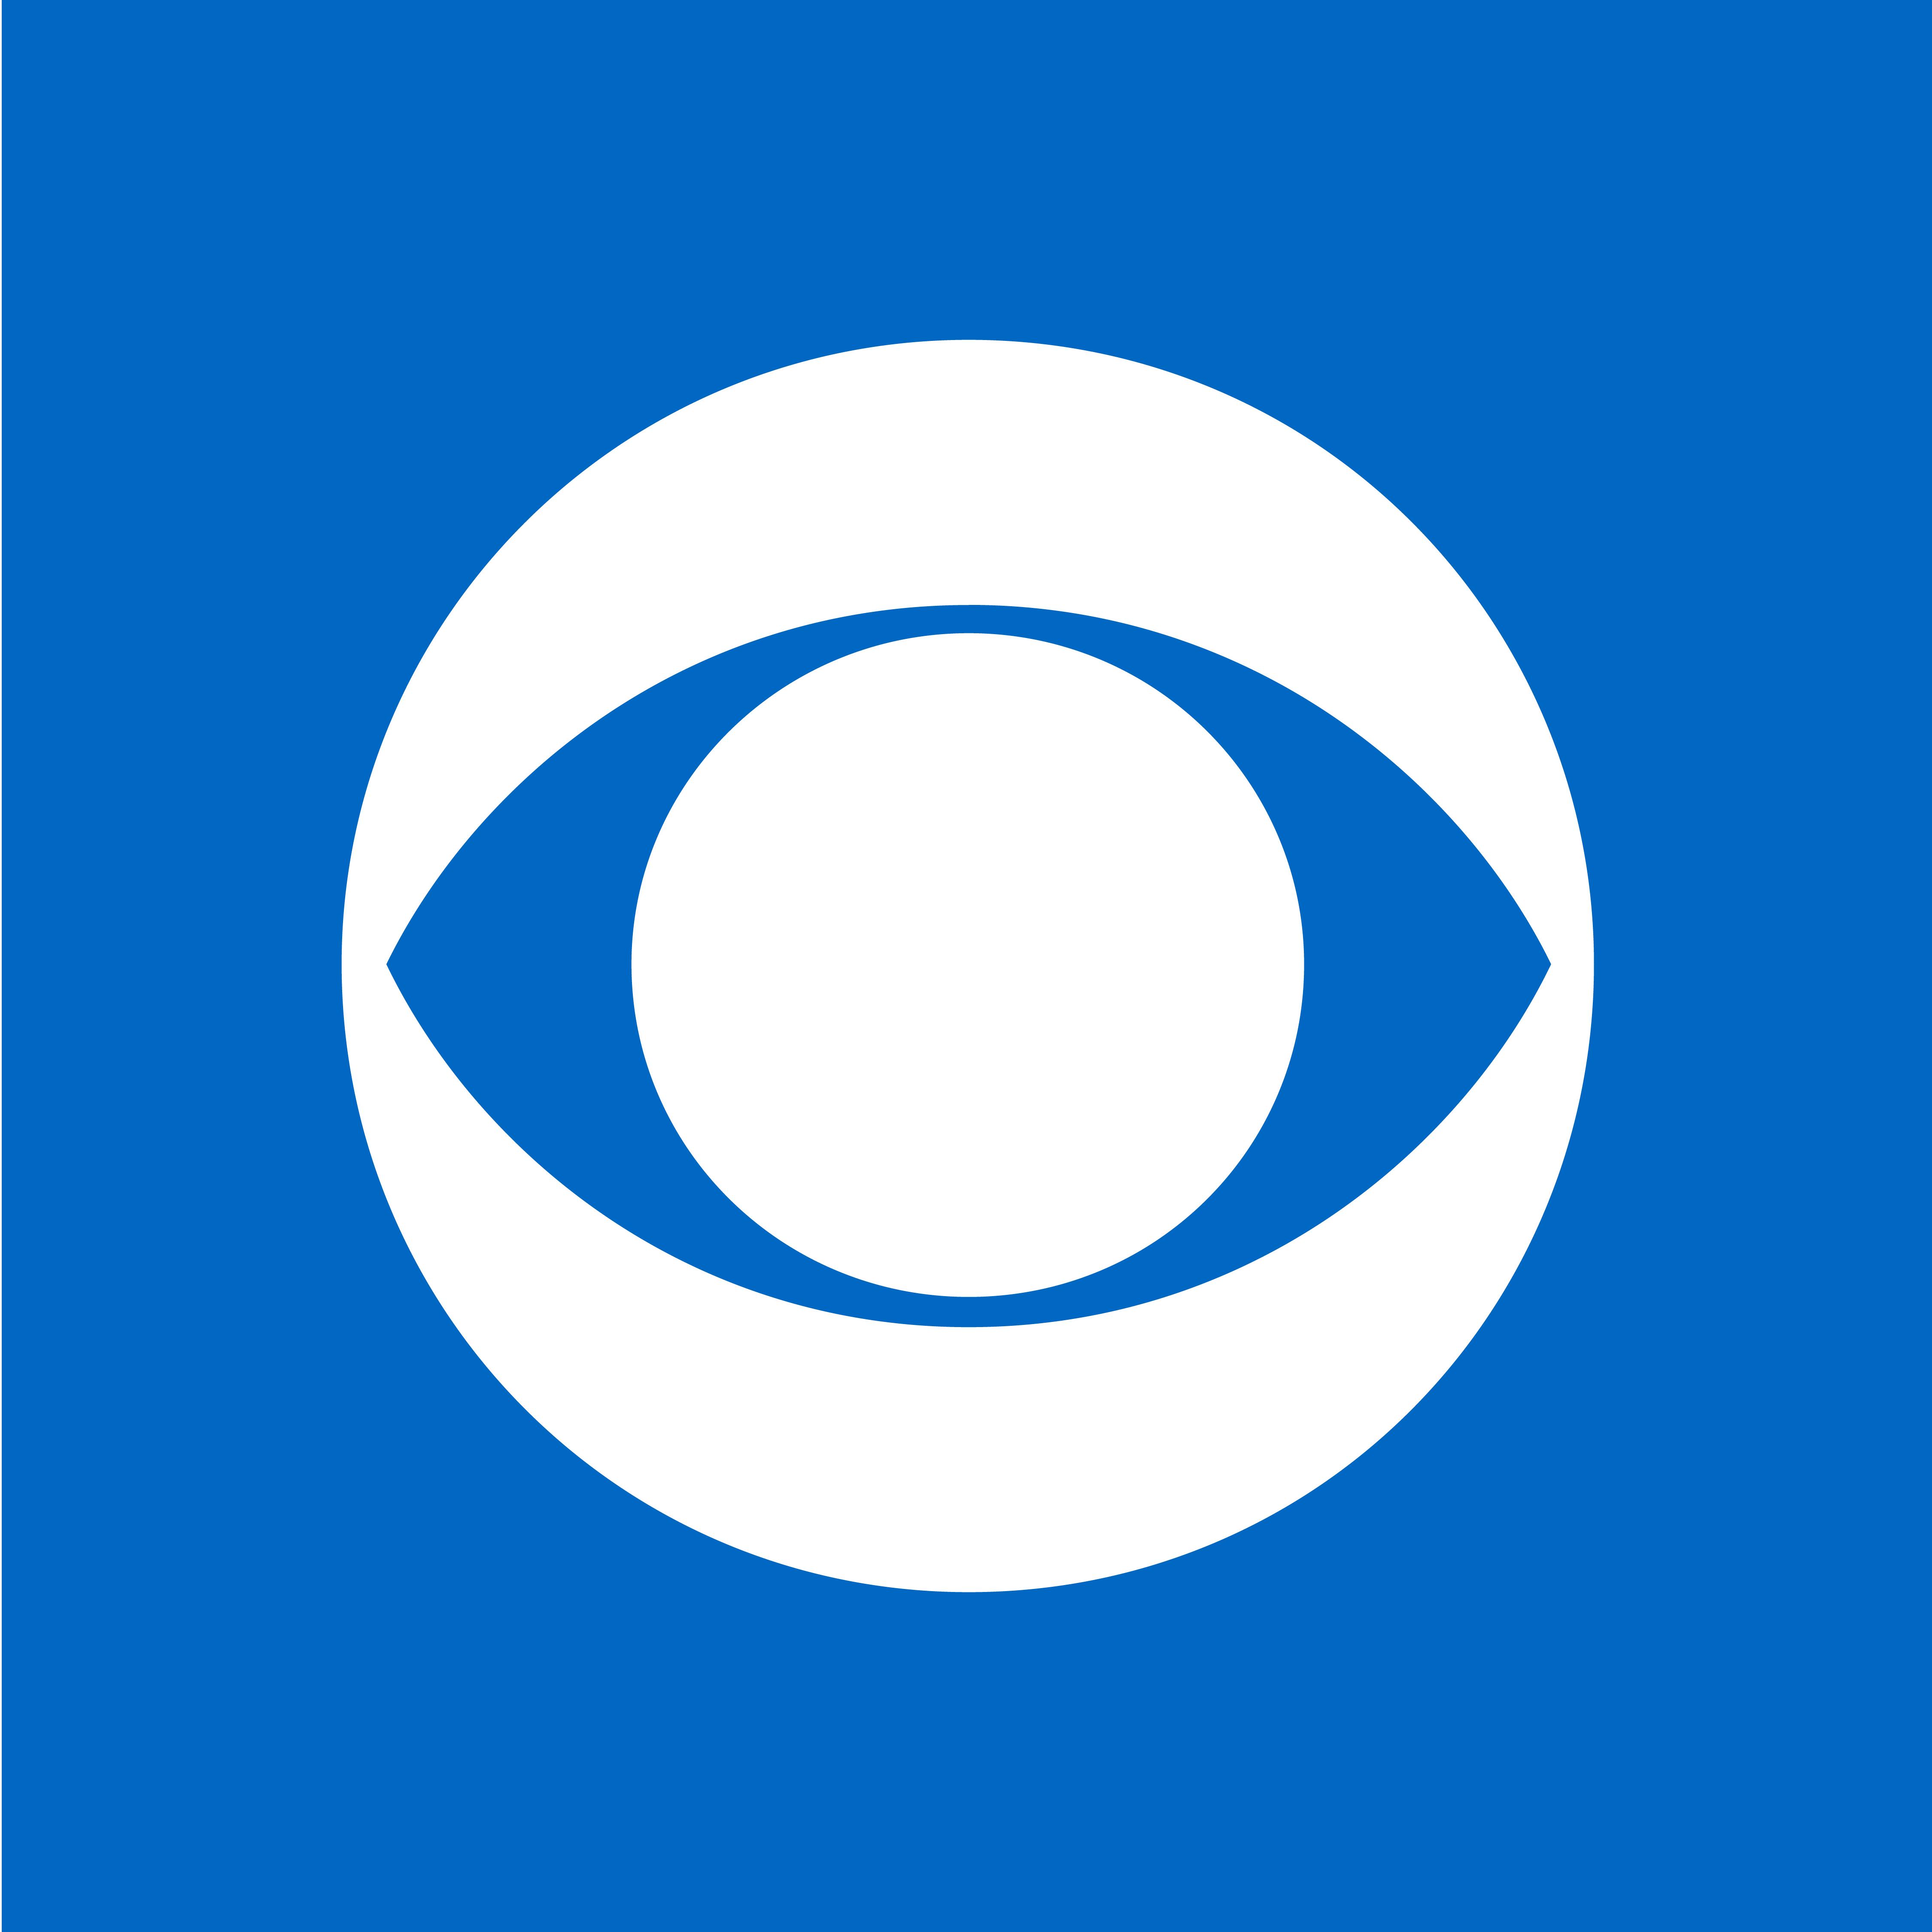 CBS (Columbia Broadcasting Station) — Designer William